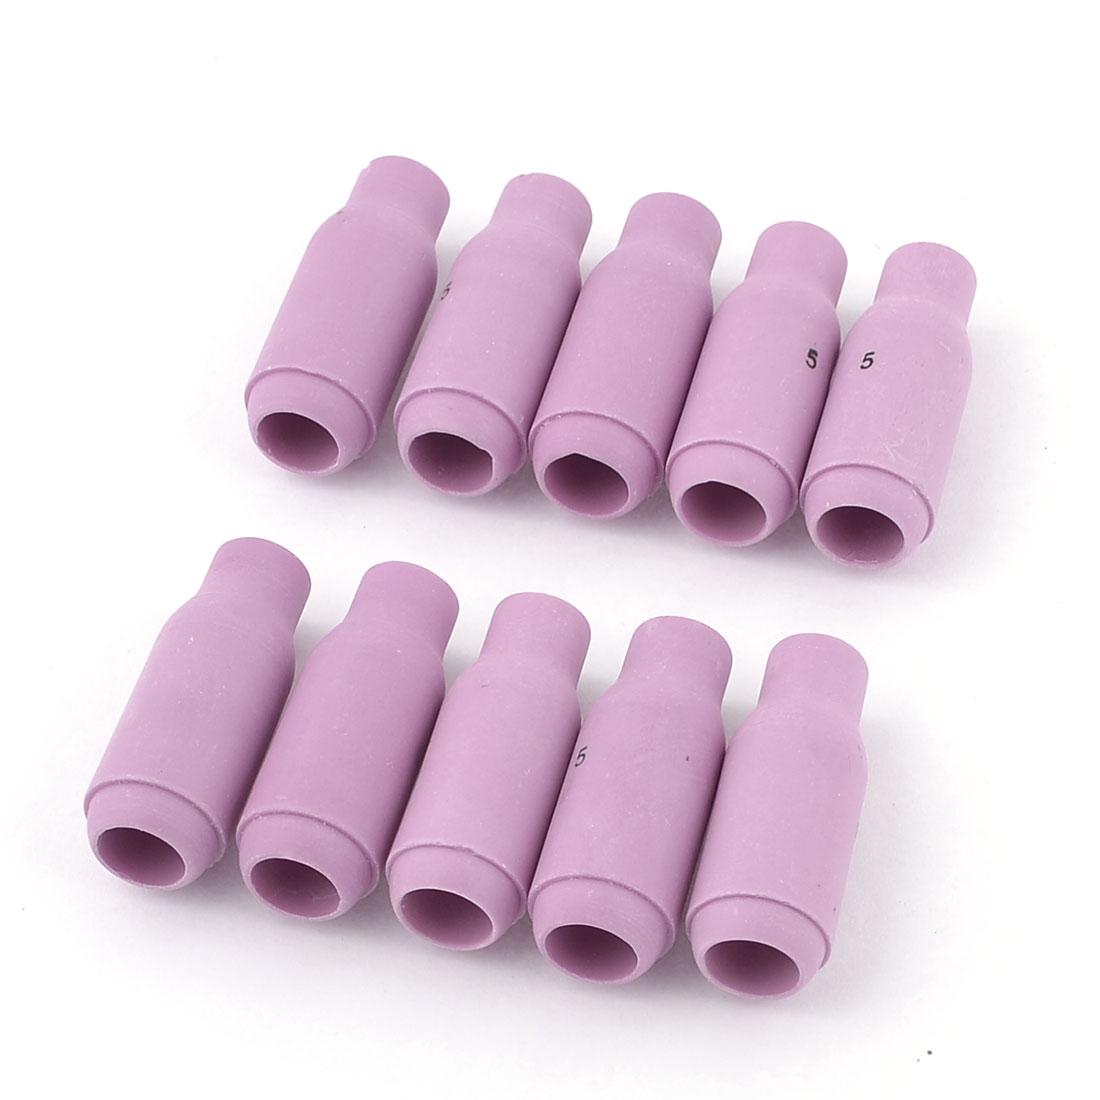 10 Pcs 8mm Orifice Welding Ceramic Nozzles Repair Parts